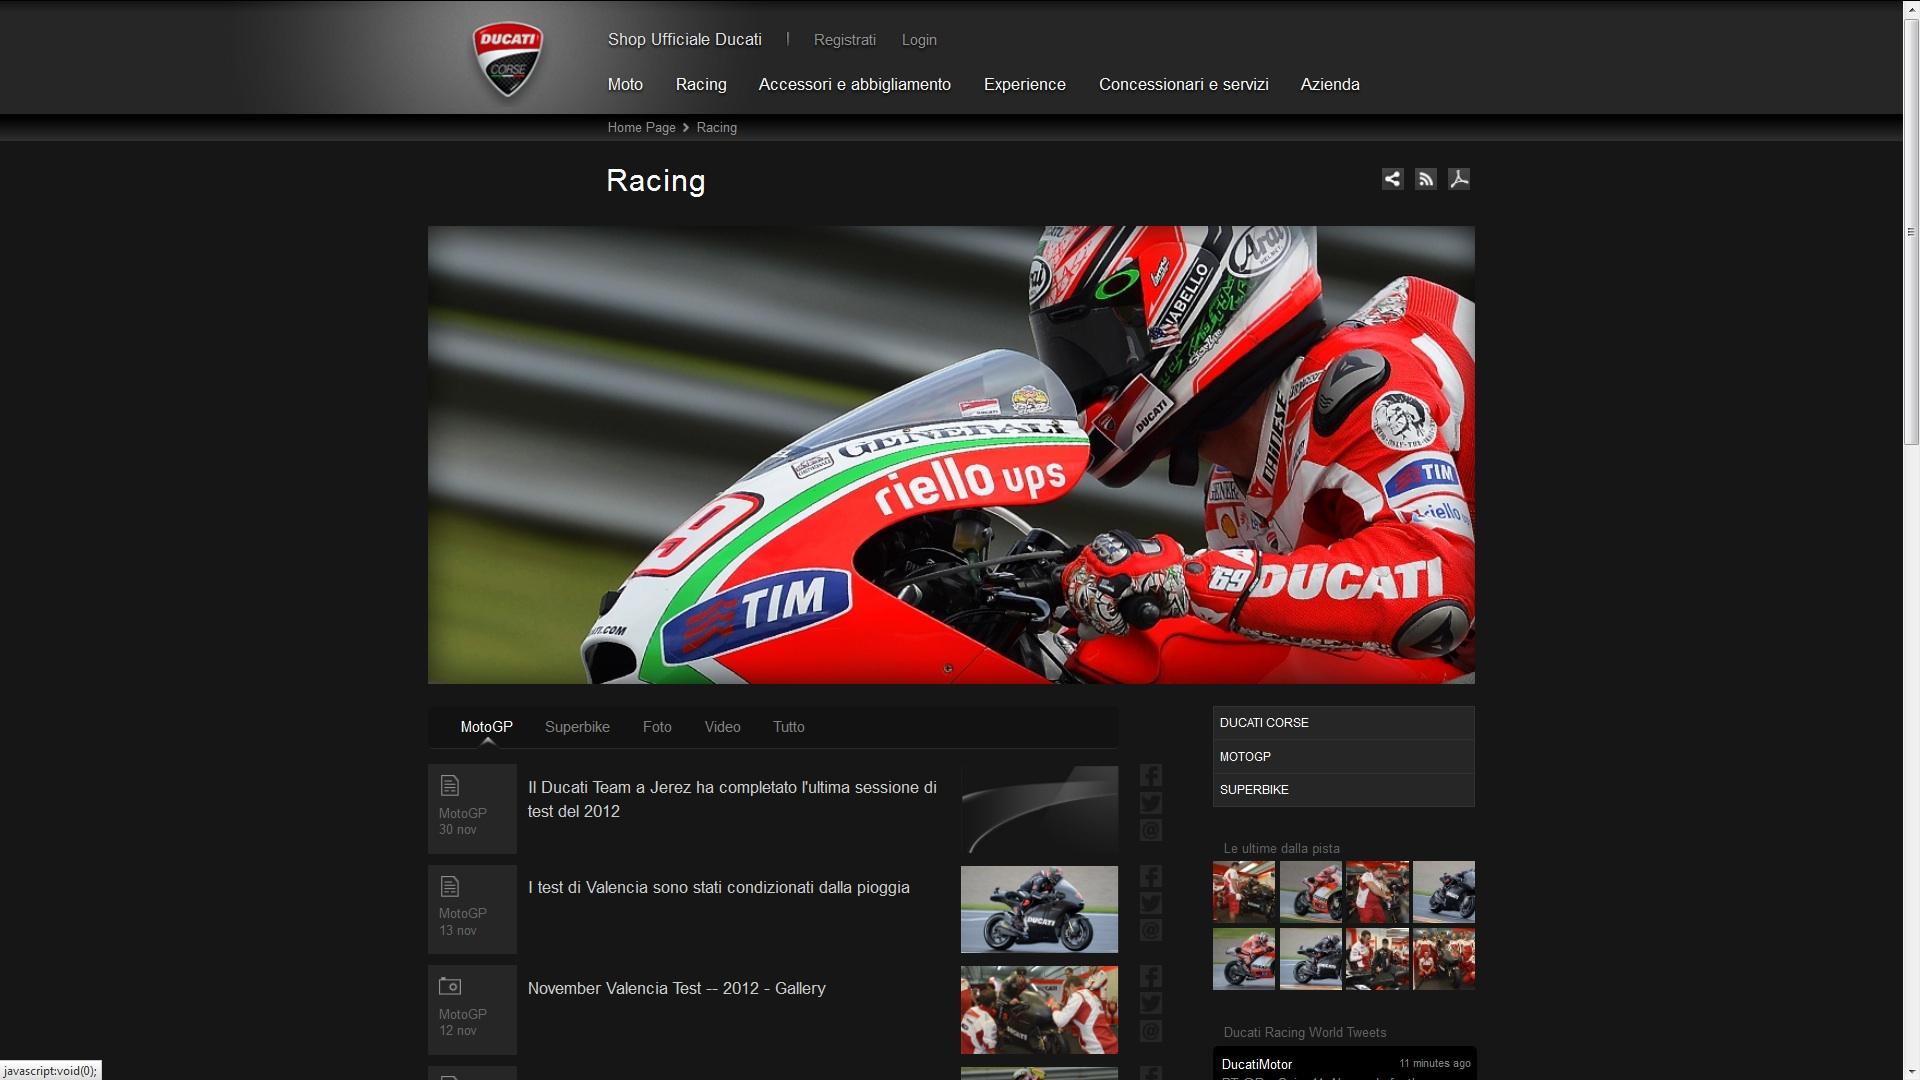 Ducati continua a correre nel Digital con Gecod